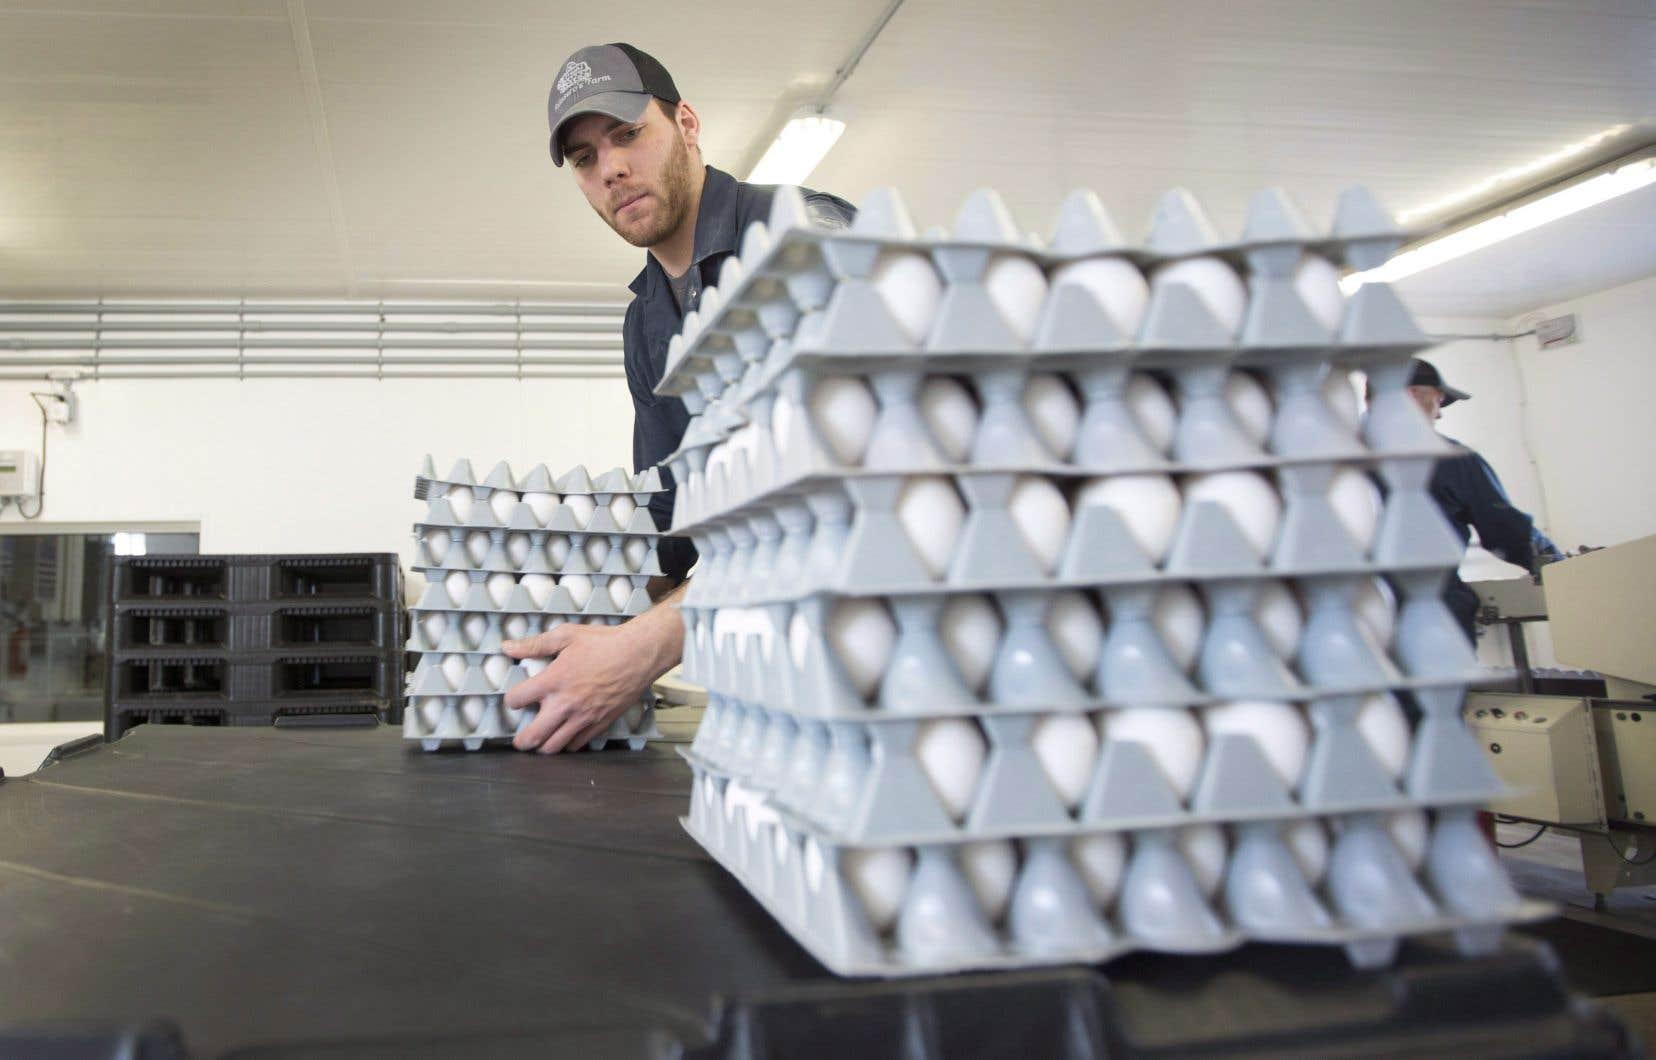 Laissés sans défense face à la concurrence américaine de gigantesques fermes généreusement subventionnées, les producteurs canadiens perdraient, entre autres, de 80% à 90% de leur propre marché national des œufs.